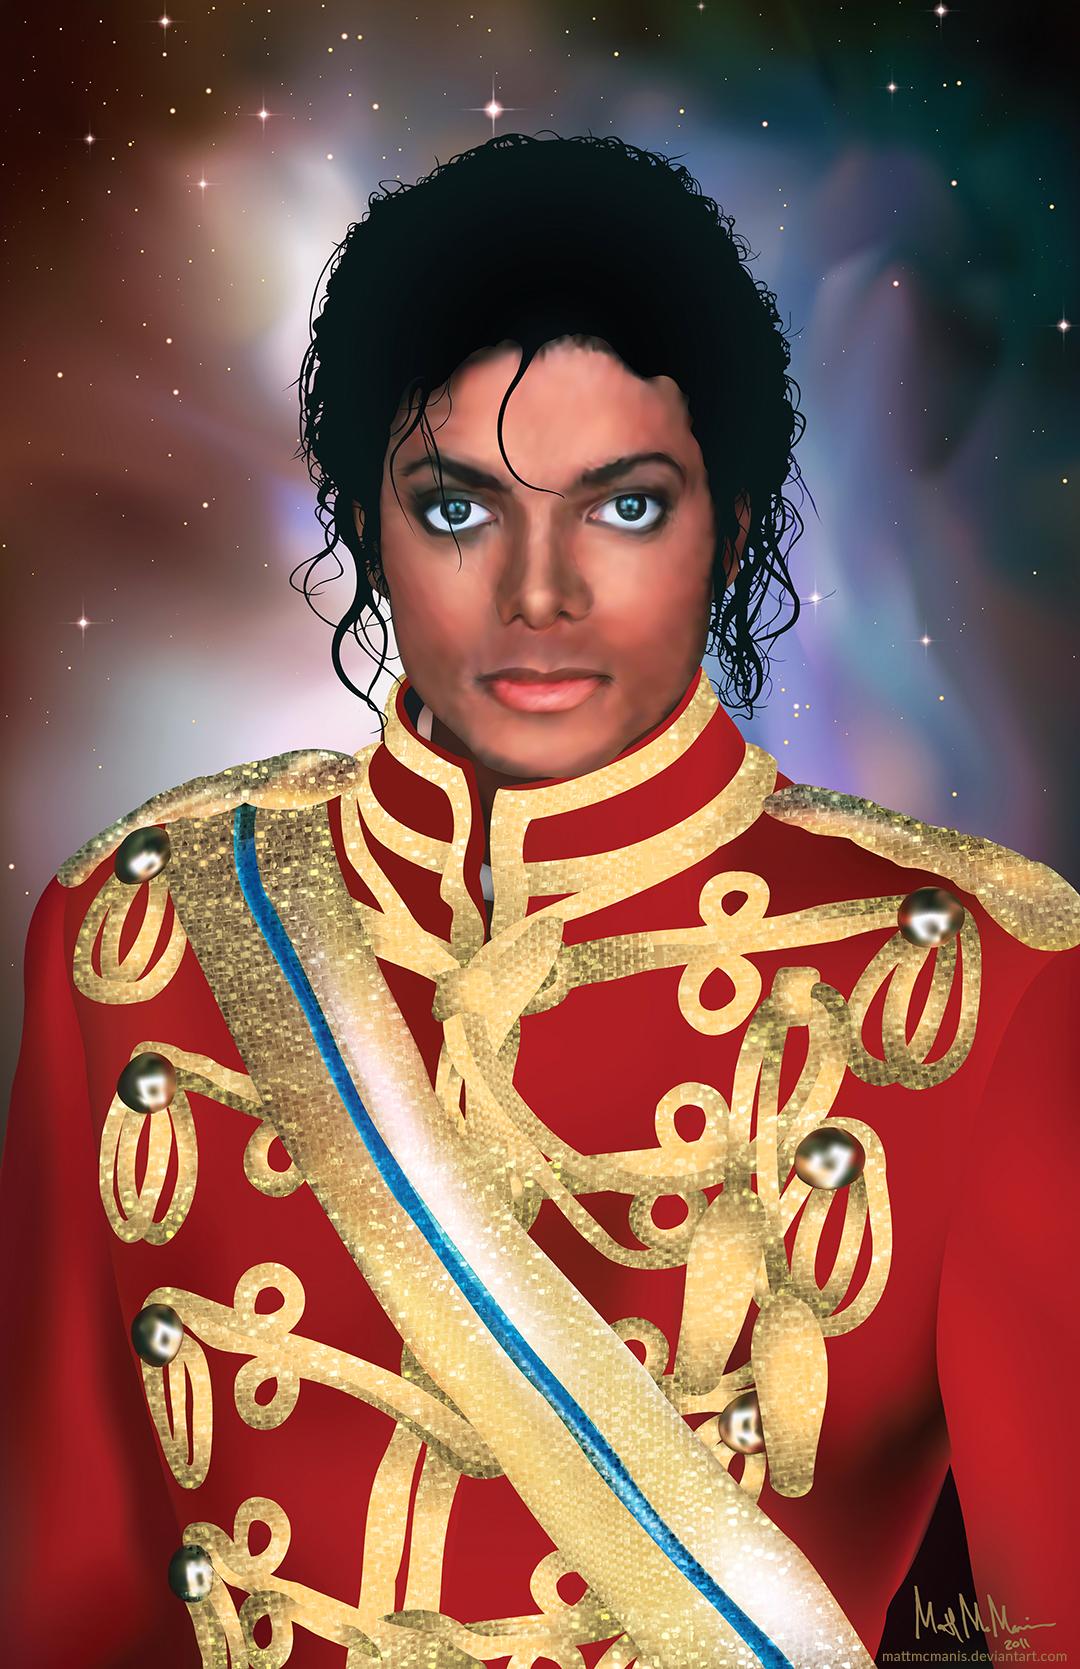 Michael vector